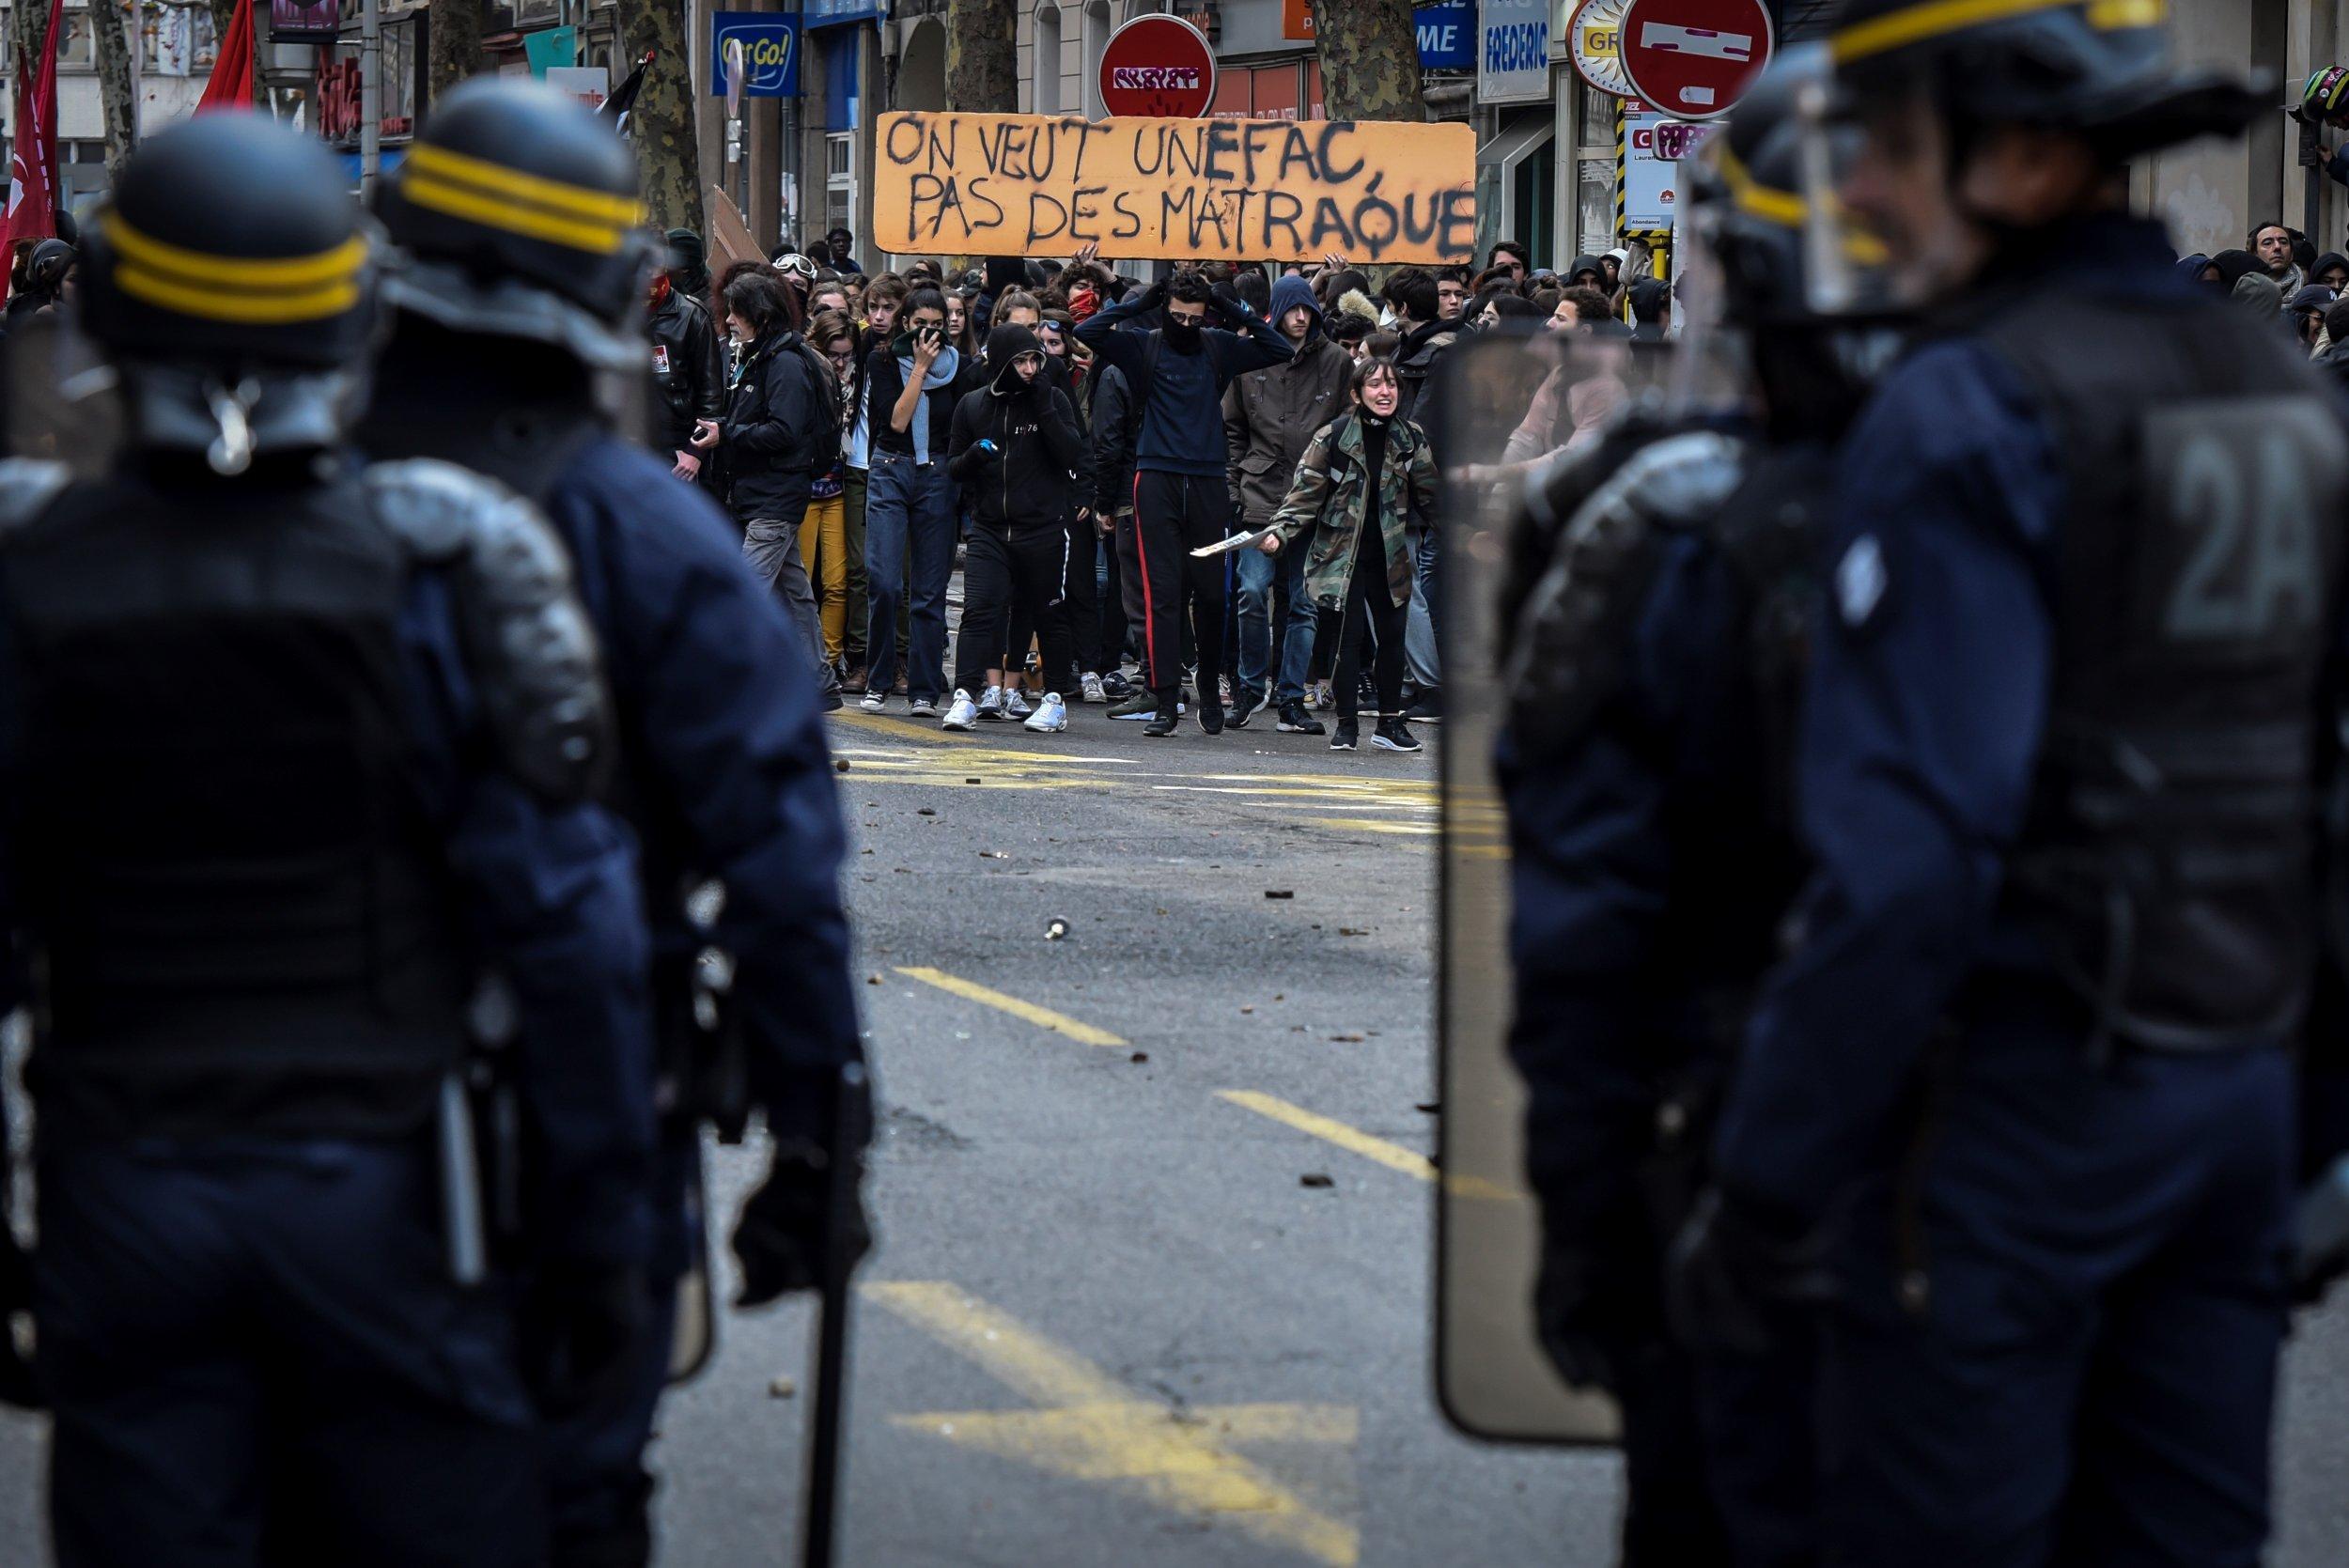 France High School protests arrests riot police